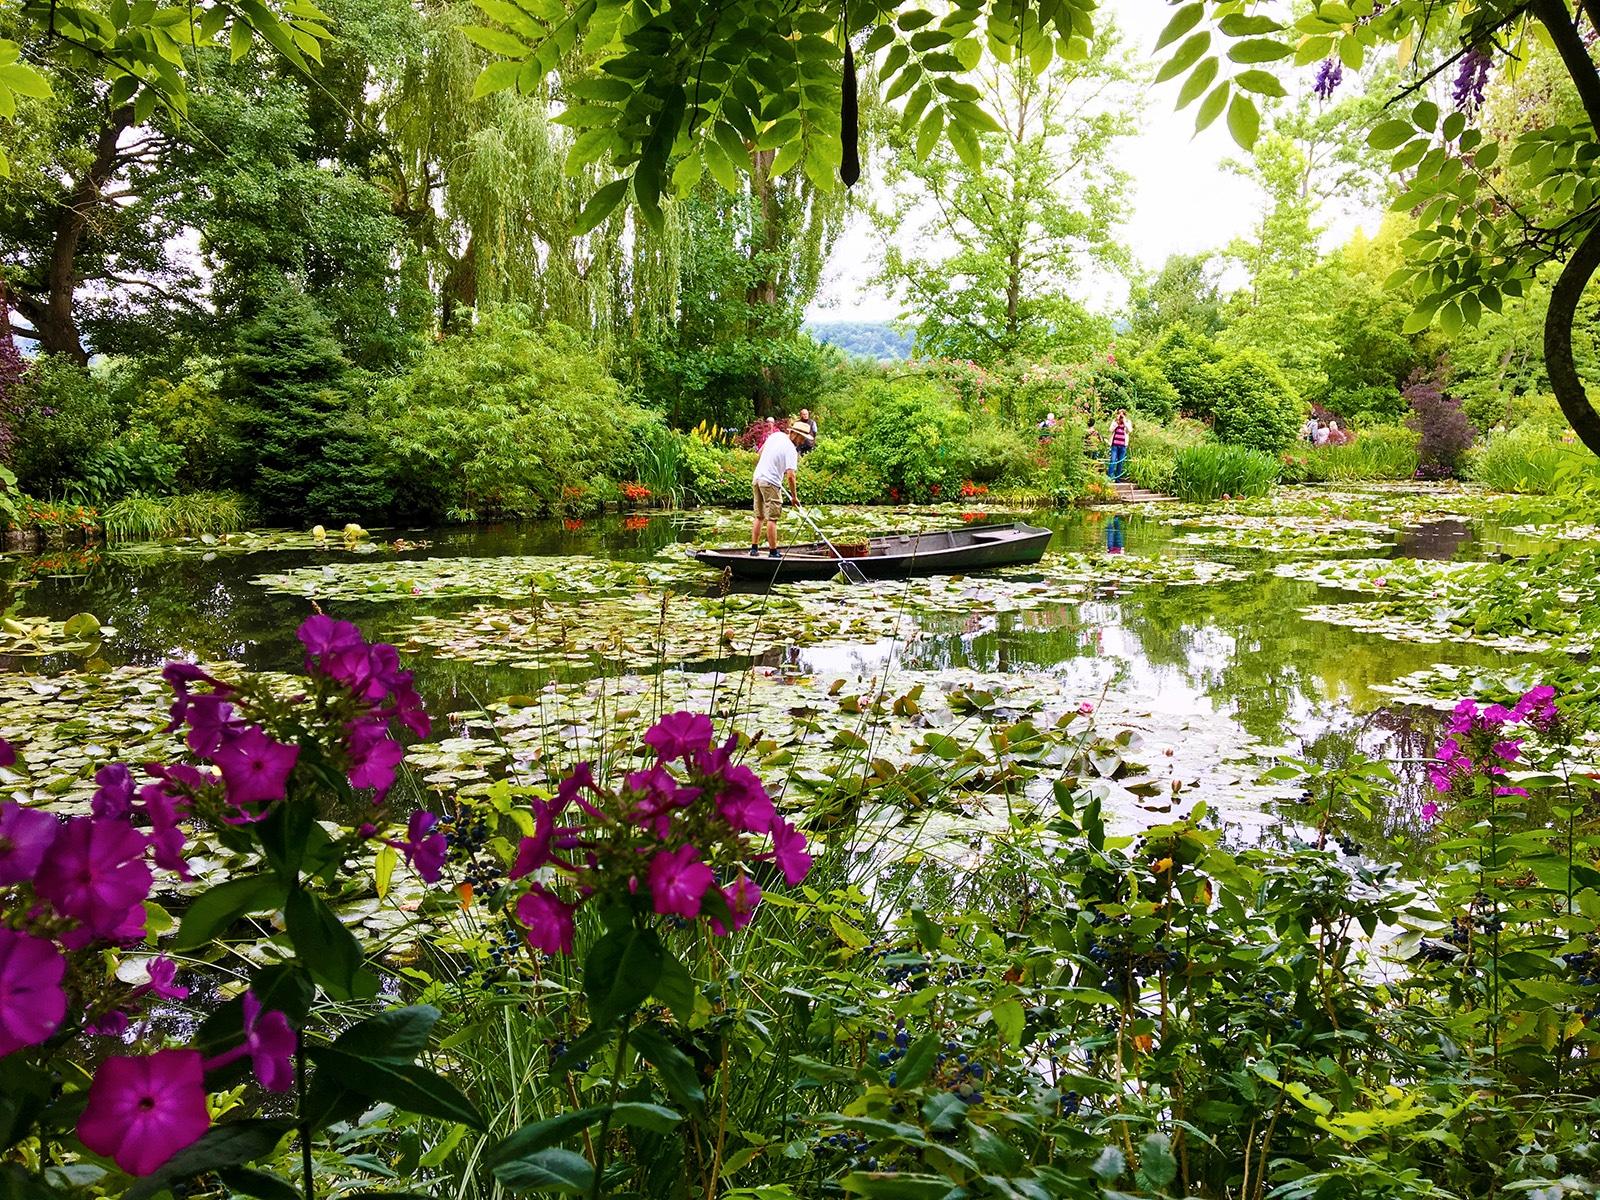 Etang aux nymphéas. Jardins de Claude Monet à Giverny © G.BOUGET